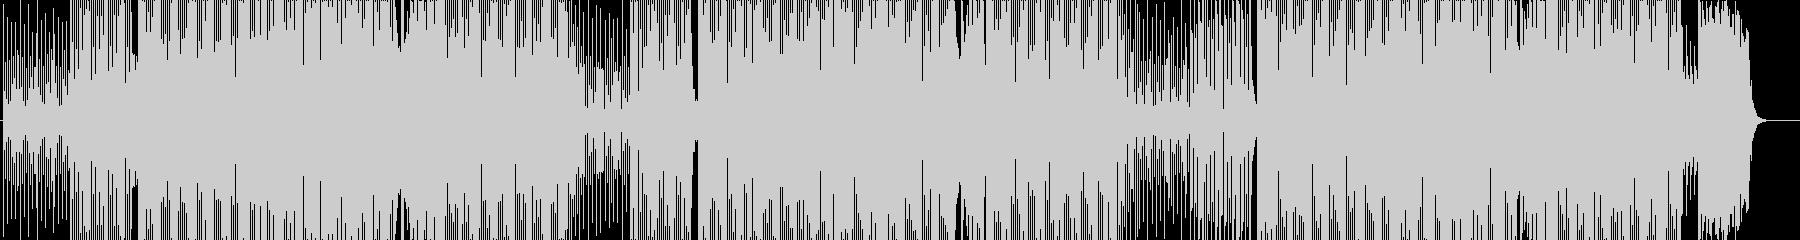 メロディが面白いダンス楽曲の未再生の波形